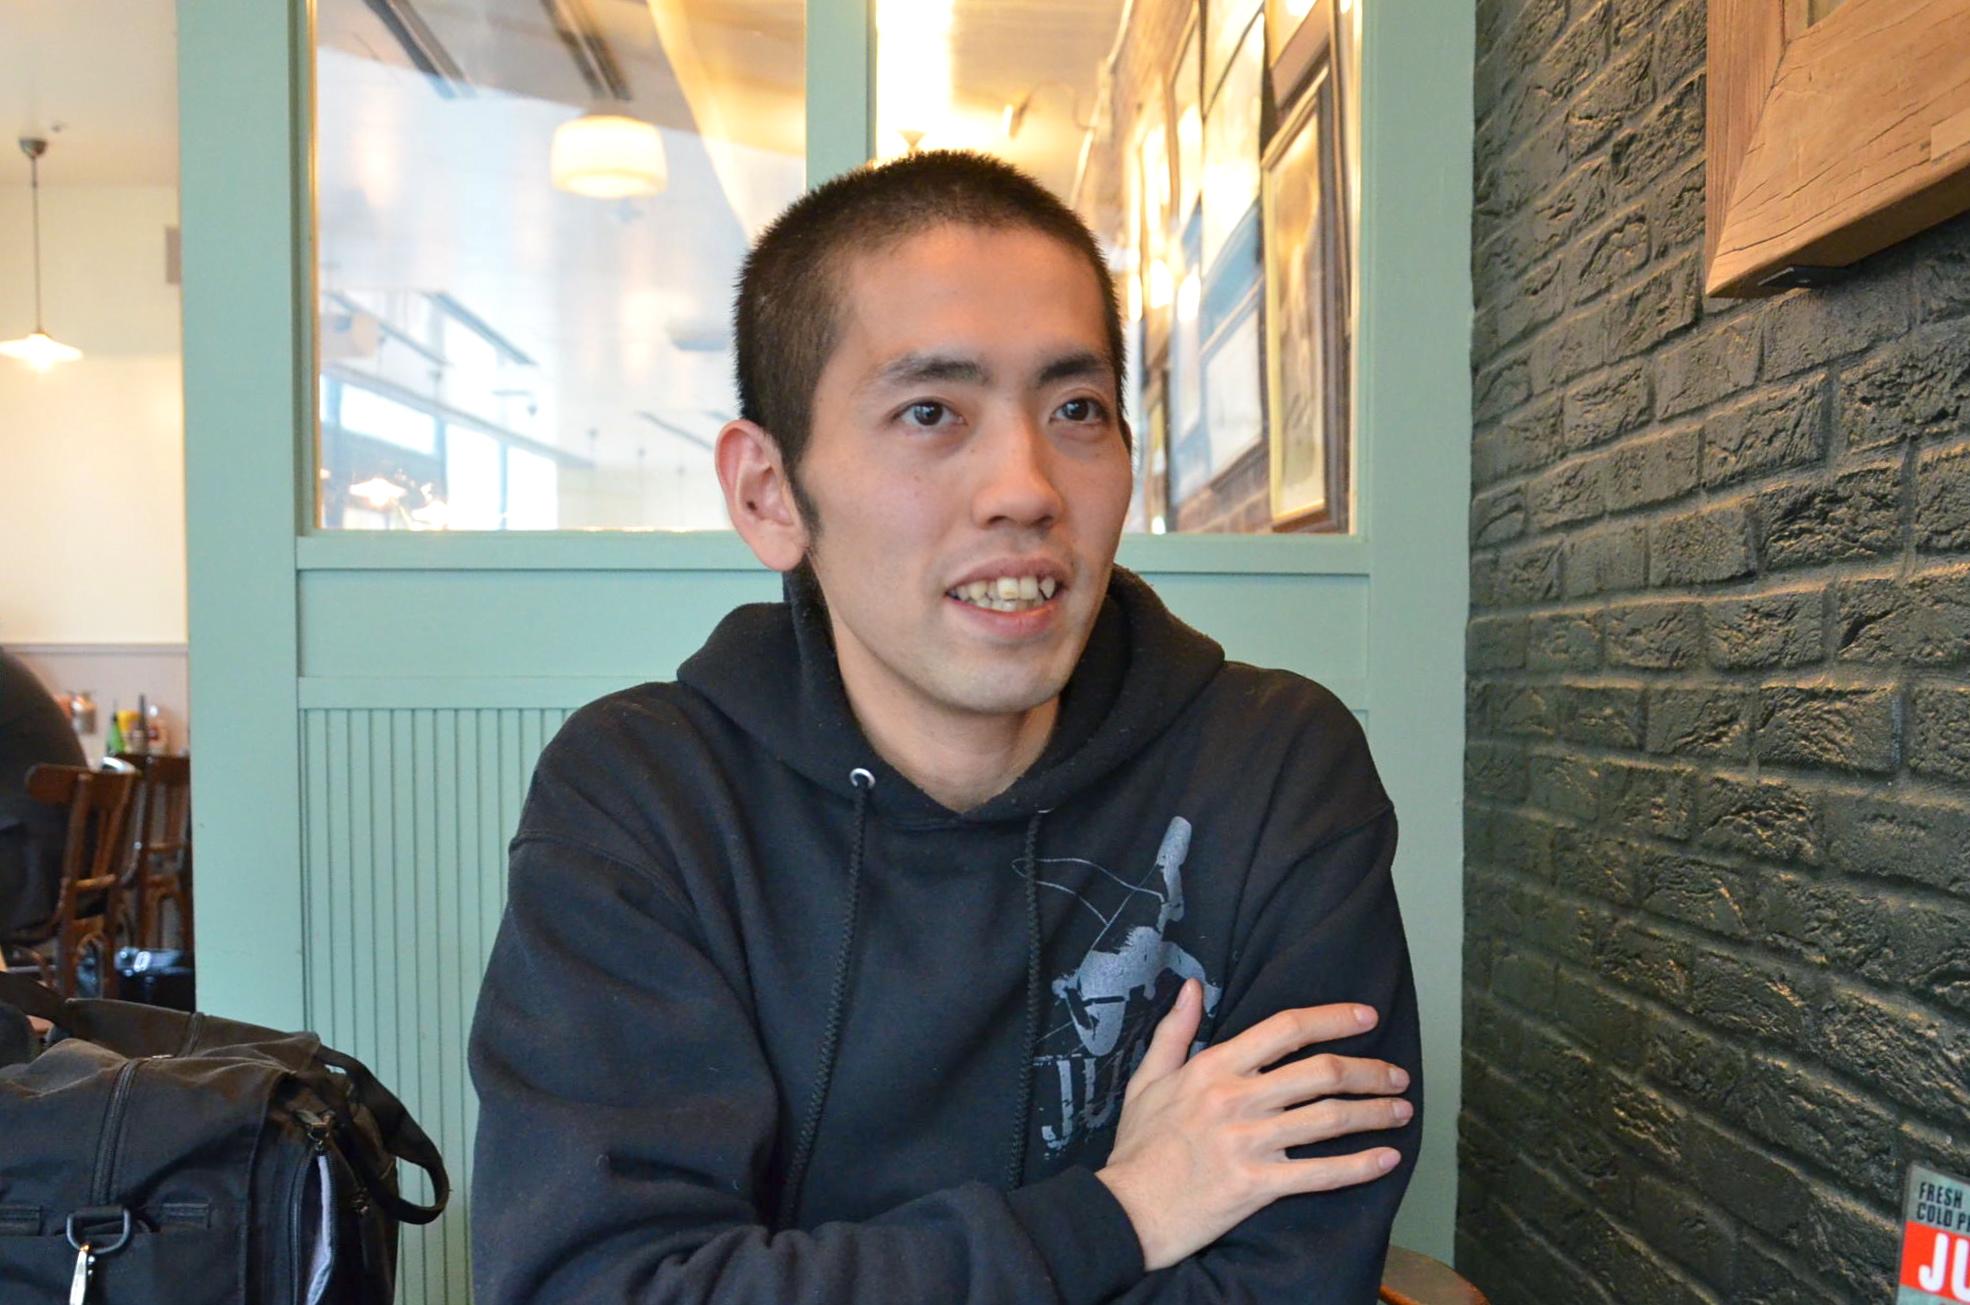 「日本人の縄跳びレベルはかなり高い」シルク・ドゥ・ソレイユで縄跳びパフォーマーを経験した粕尾将一氏が語る生き方とは。